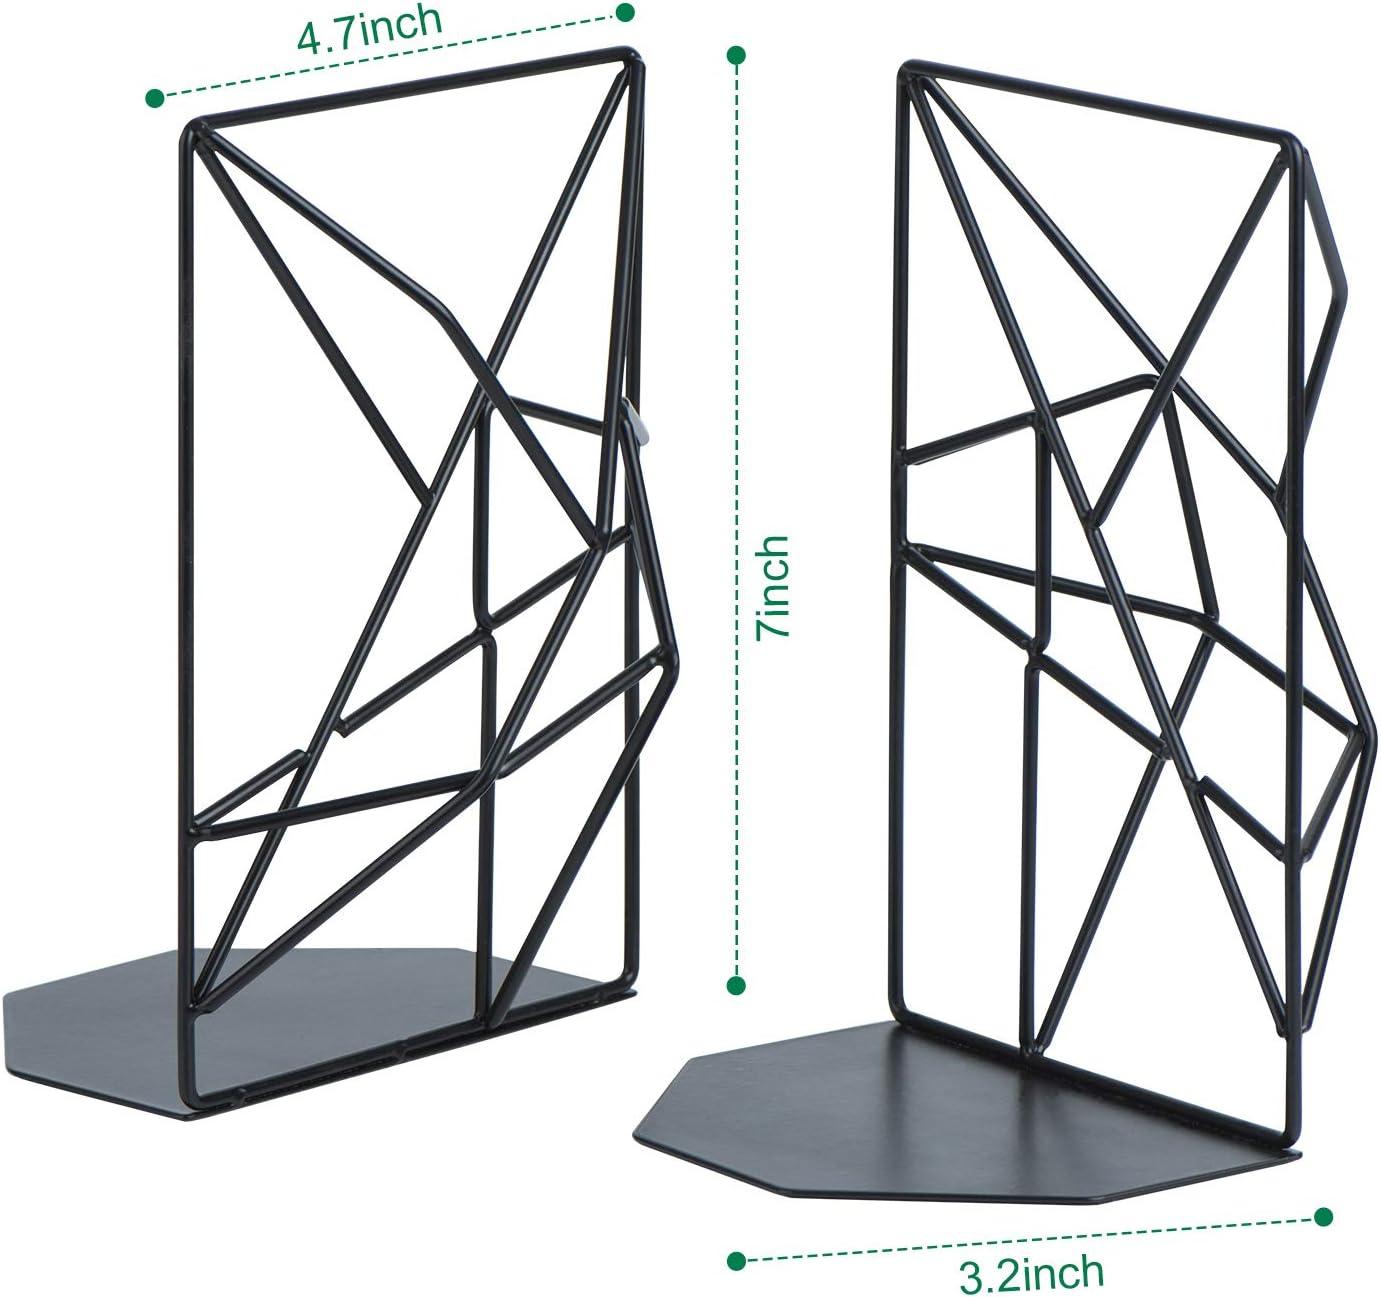 rutschfest 1 Paar Buchhalter f/ür Regale,geometrisches Design SRIWATANA Buchst/ützen aus Metall Schwarz